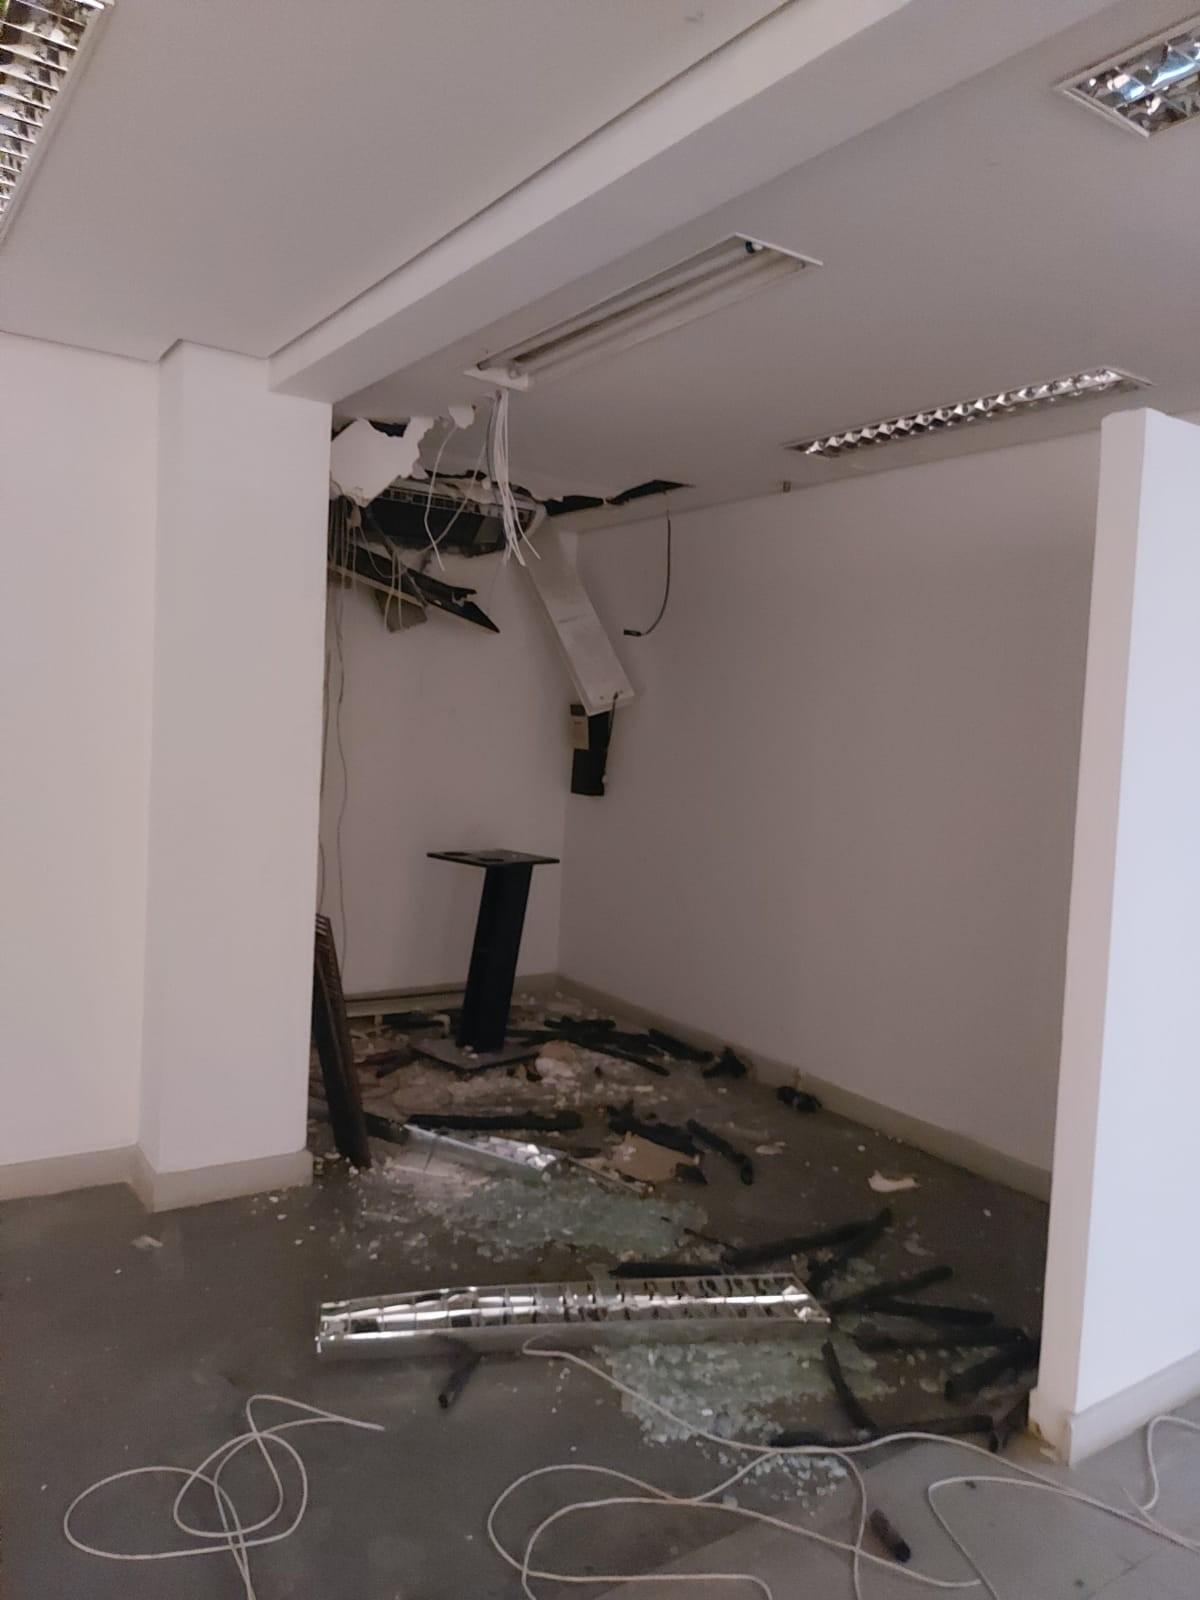 Polícia prende dupla em flagrante por furto de fios em imóvel no Centro de Campinas